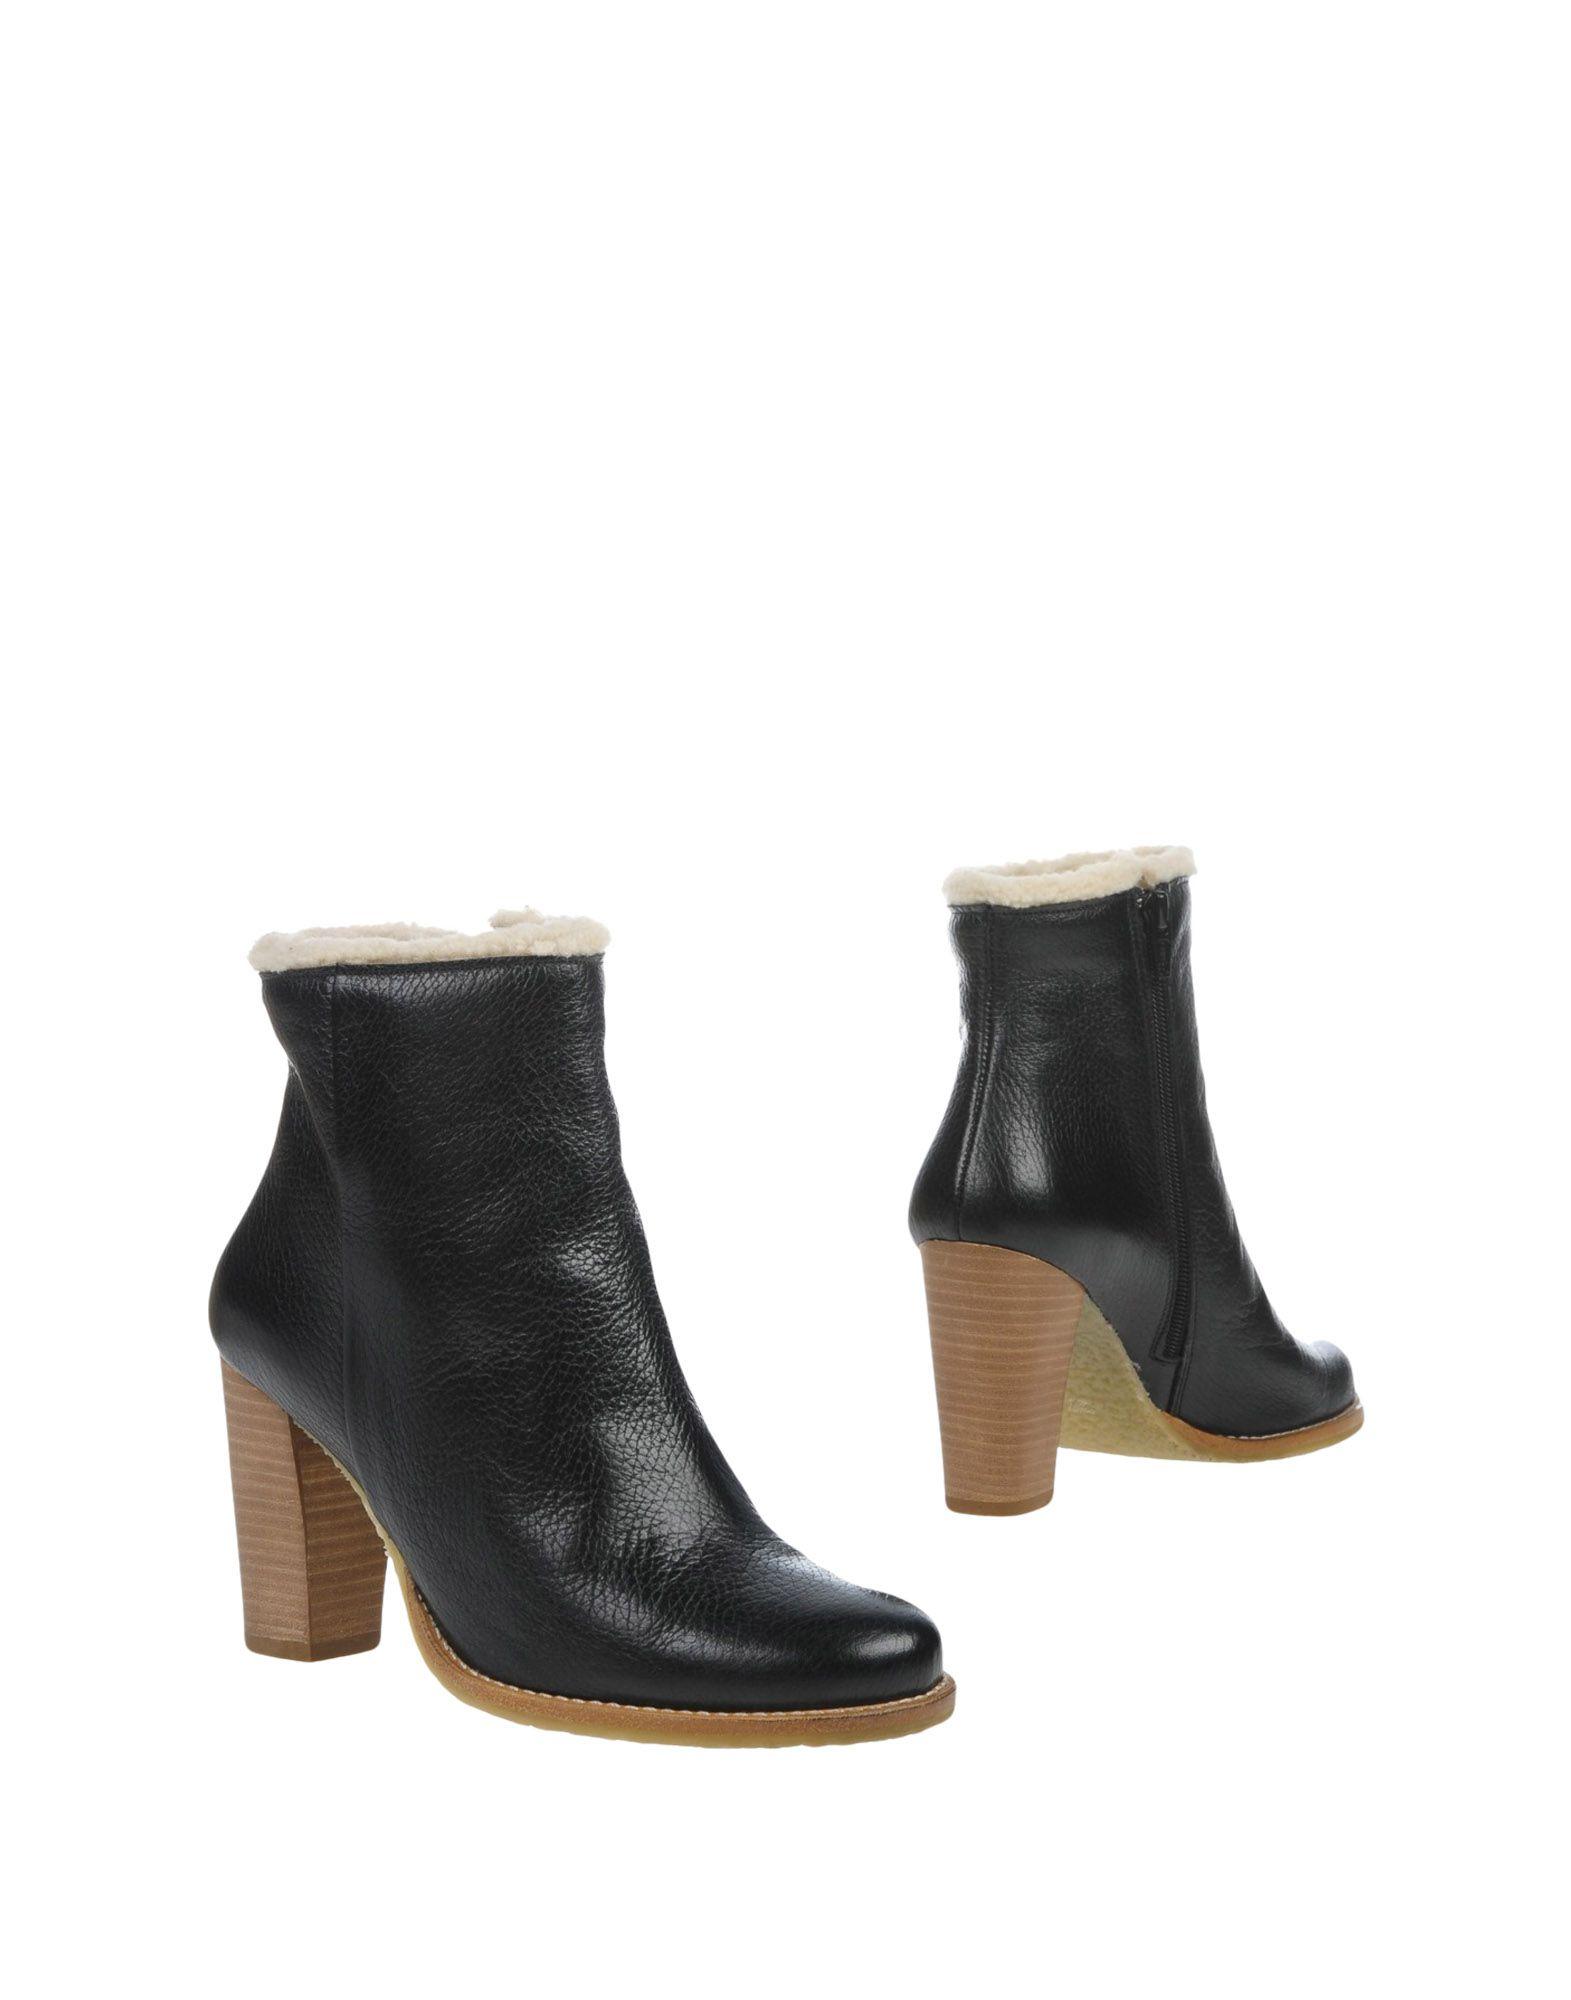 Sessun Sessun Sessun Stiefelette Damen  11303430PU Gute Qualität beliebte Schuhe bd30d7